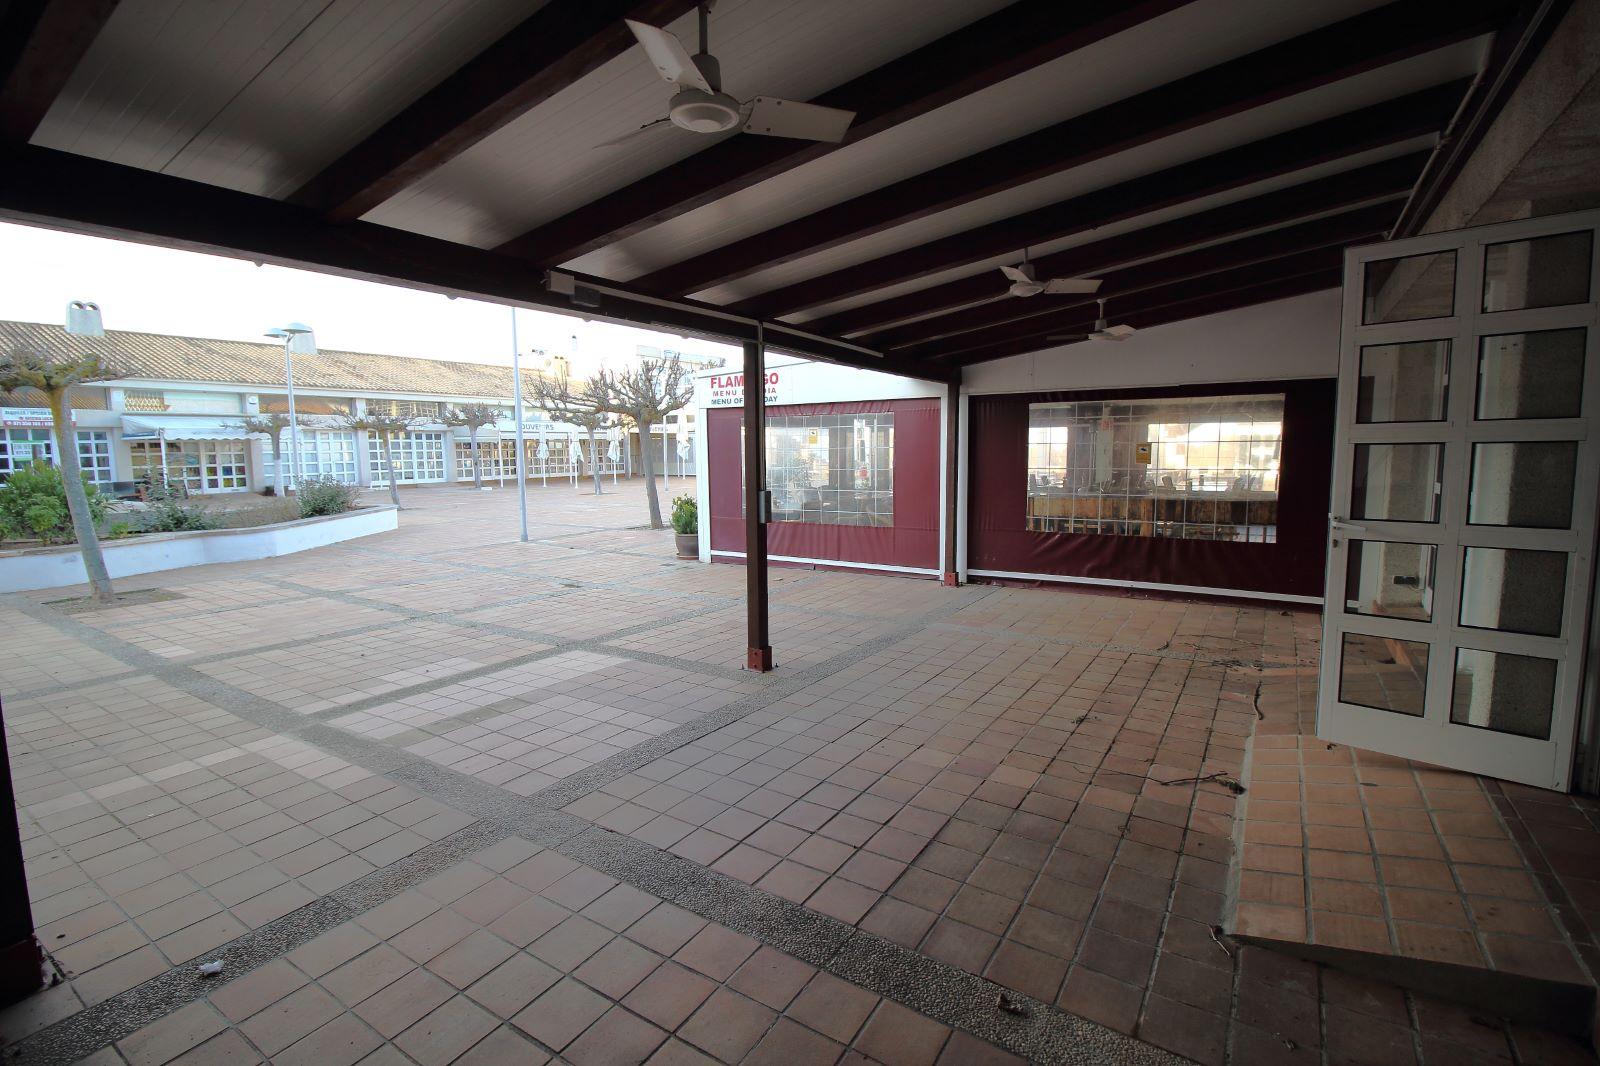 Local comercial en Coves Noves Ref: V2430 7